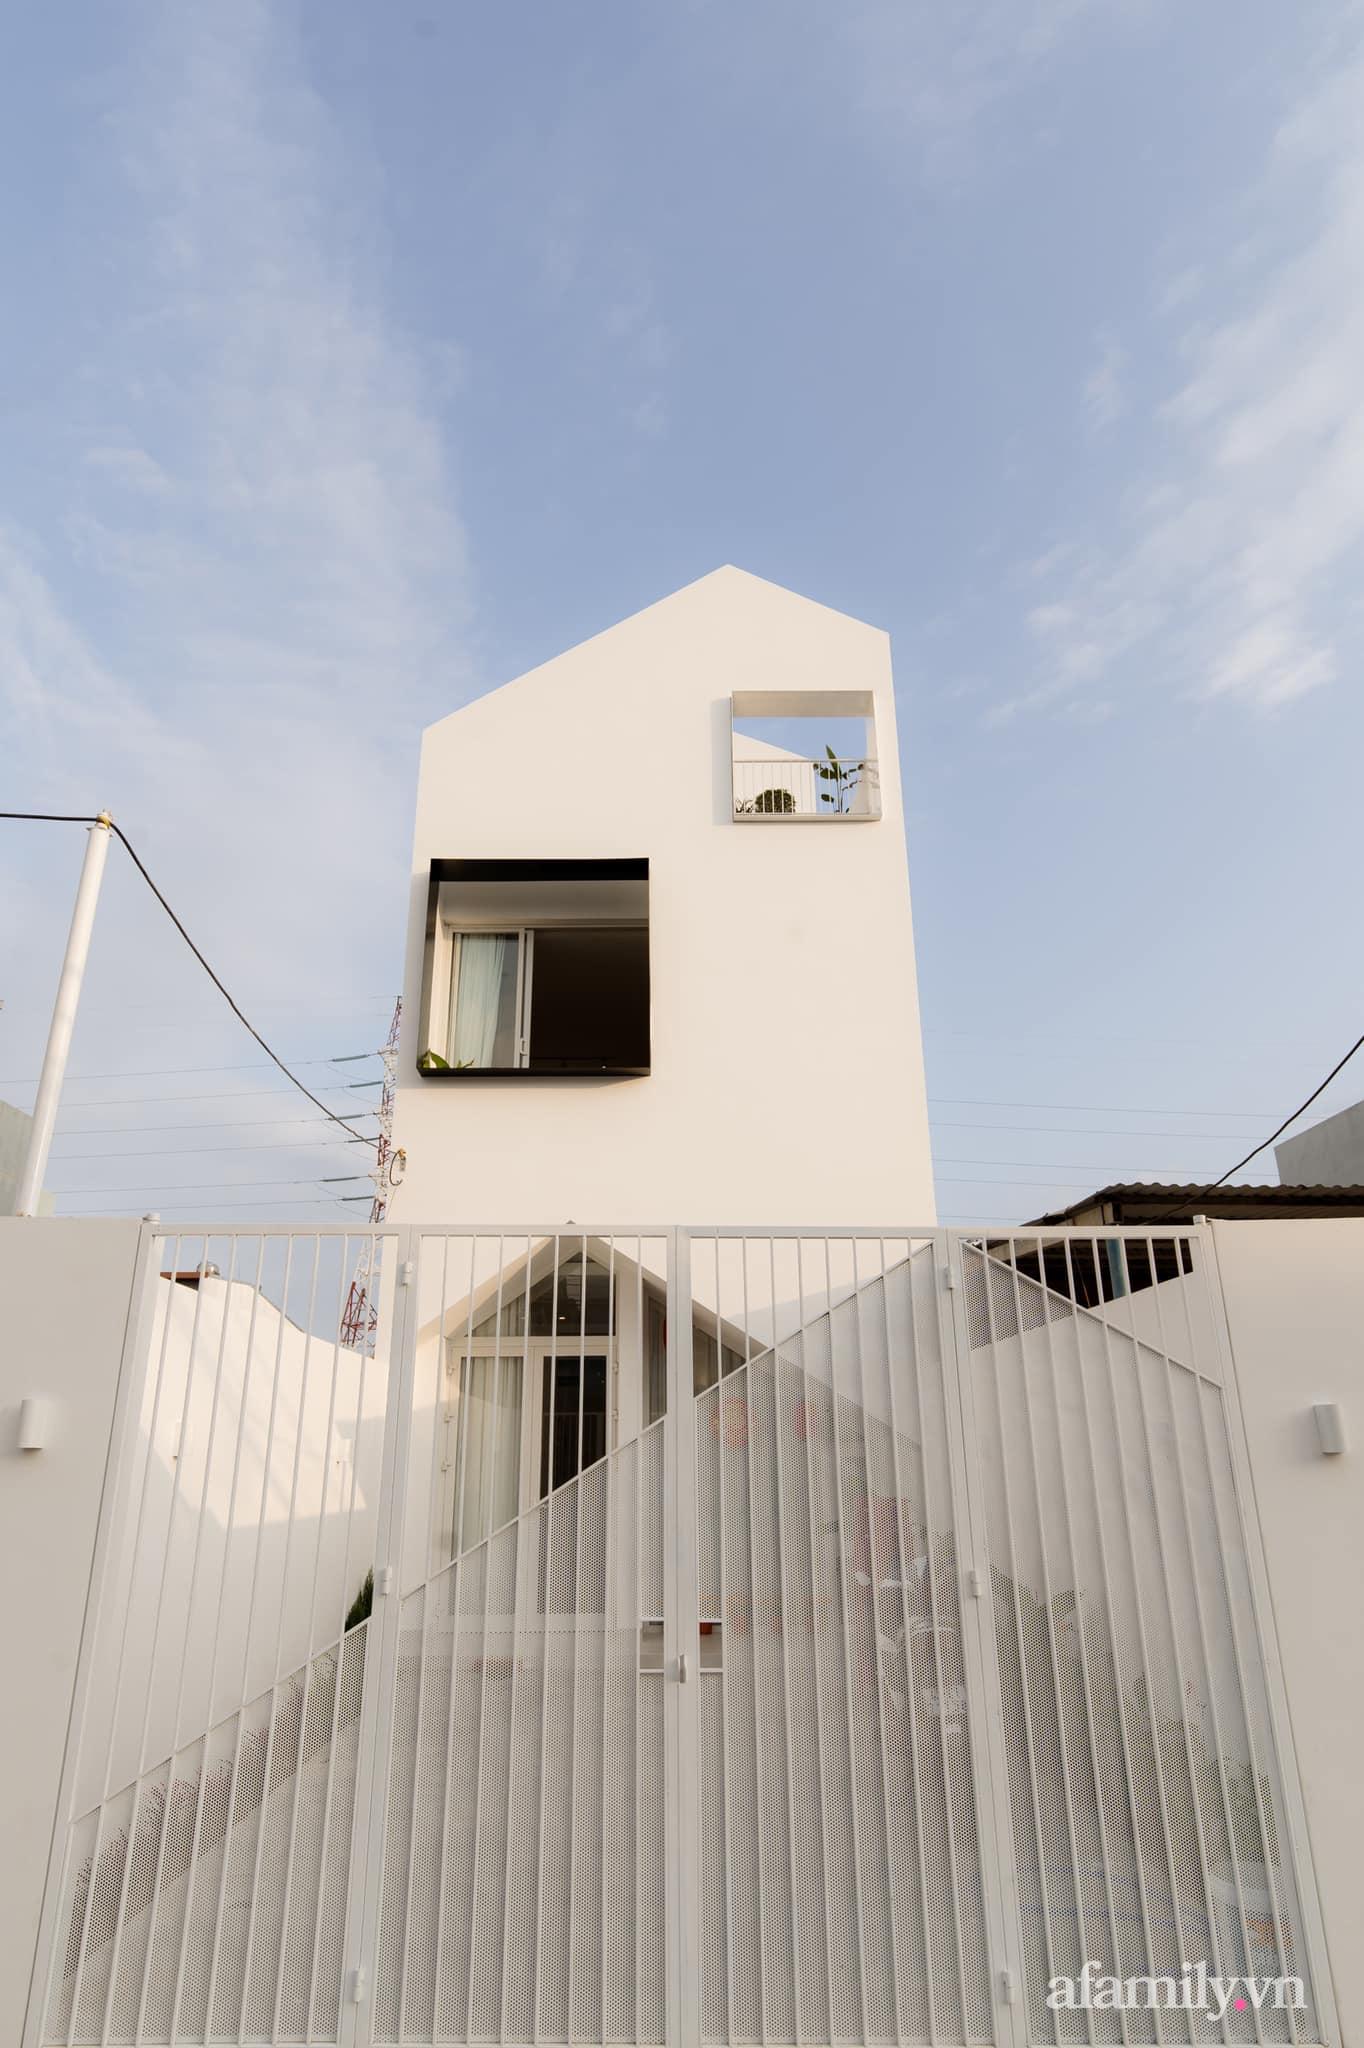 Căn nhà phố màu trắng gọn xinh ấm cúng của cặp vợ chồng trẻ Đà Nẵng có chi phí hoàn thiện 1,4 tỷ đồng - Ảnh 1.